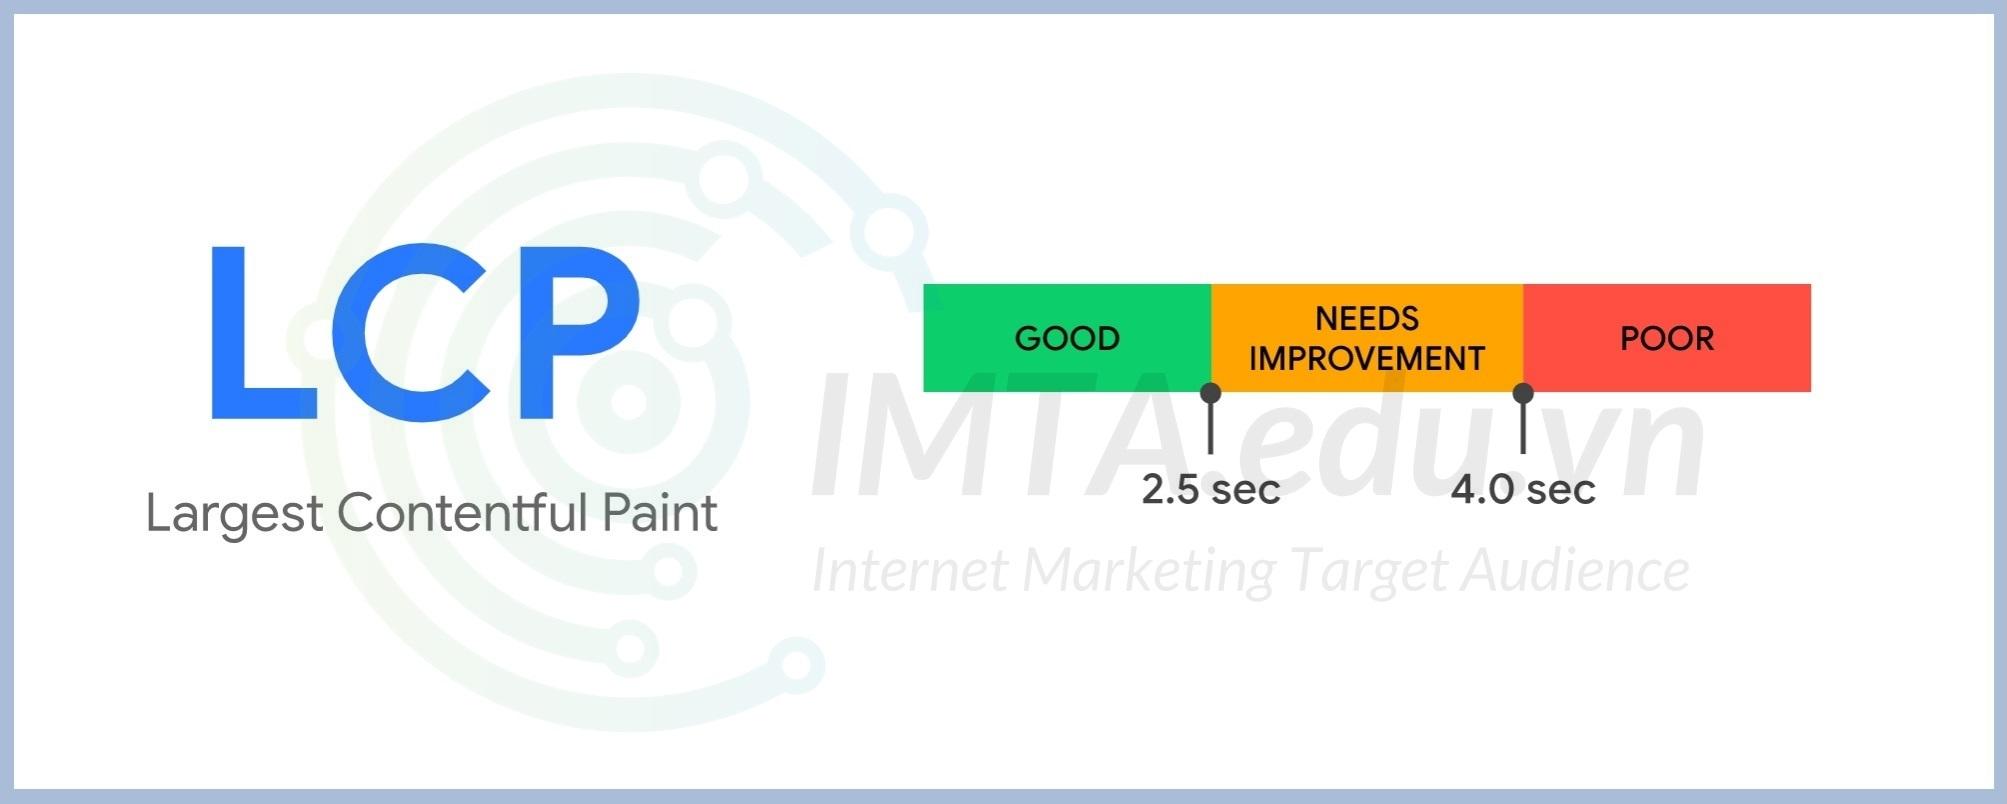 Chỉ số Largest Contentful Paint (LCP)